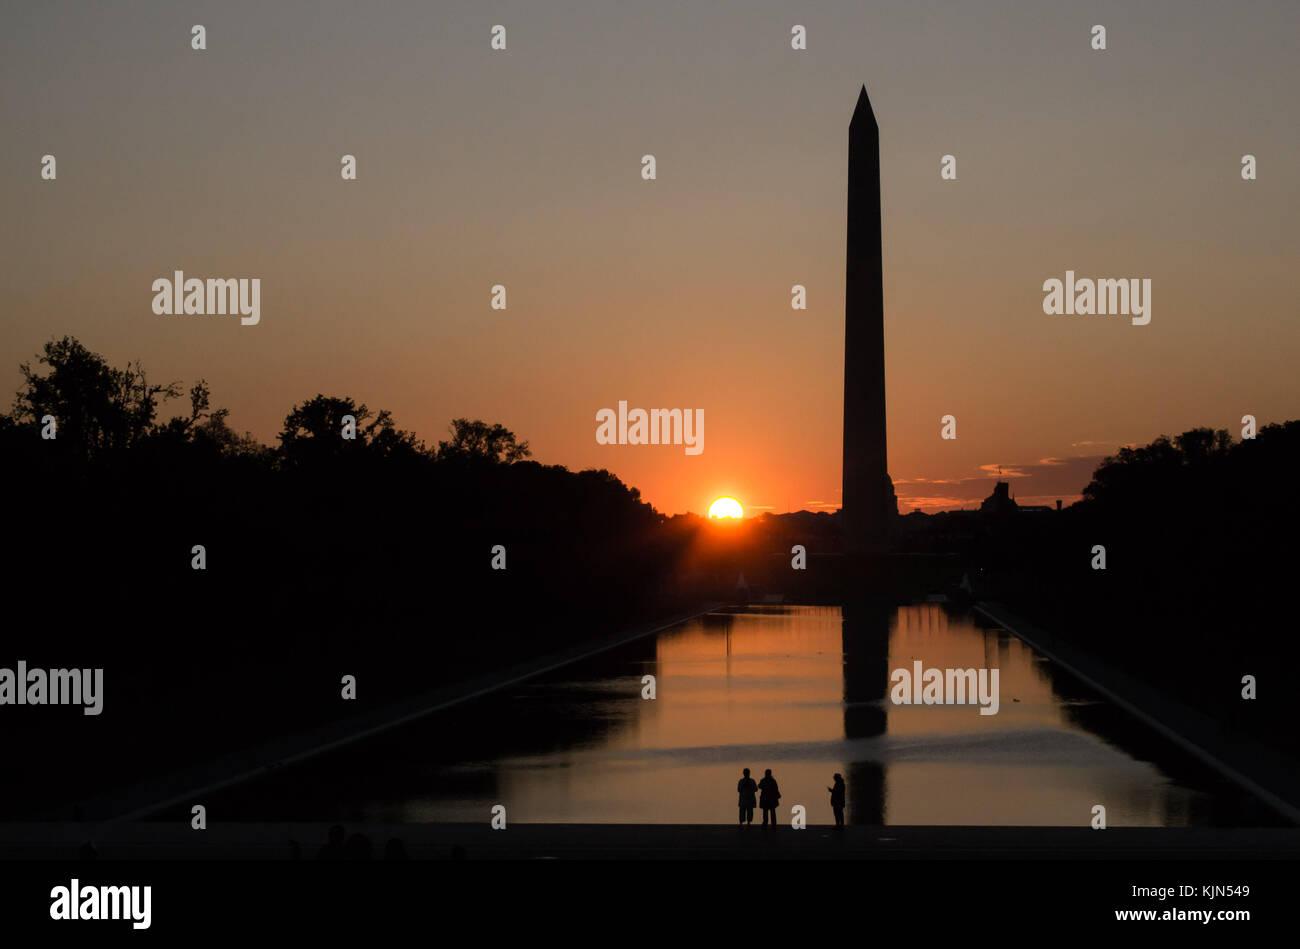 Il Monumento a Washington al tramonto, dawn, gli orari di alba e tramonto, twilight - la riflessione e la pace Immagini Stock